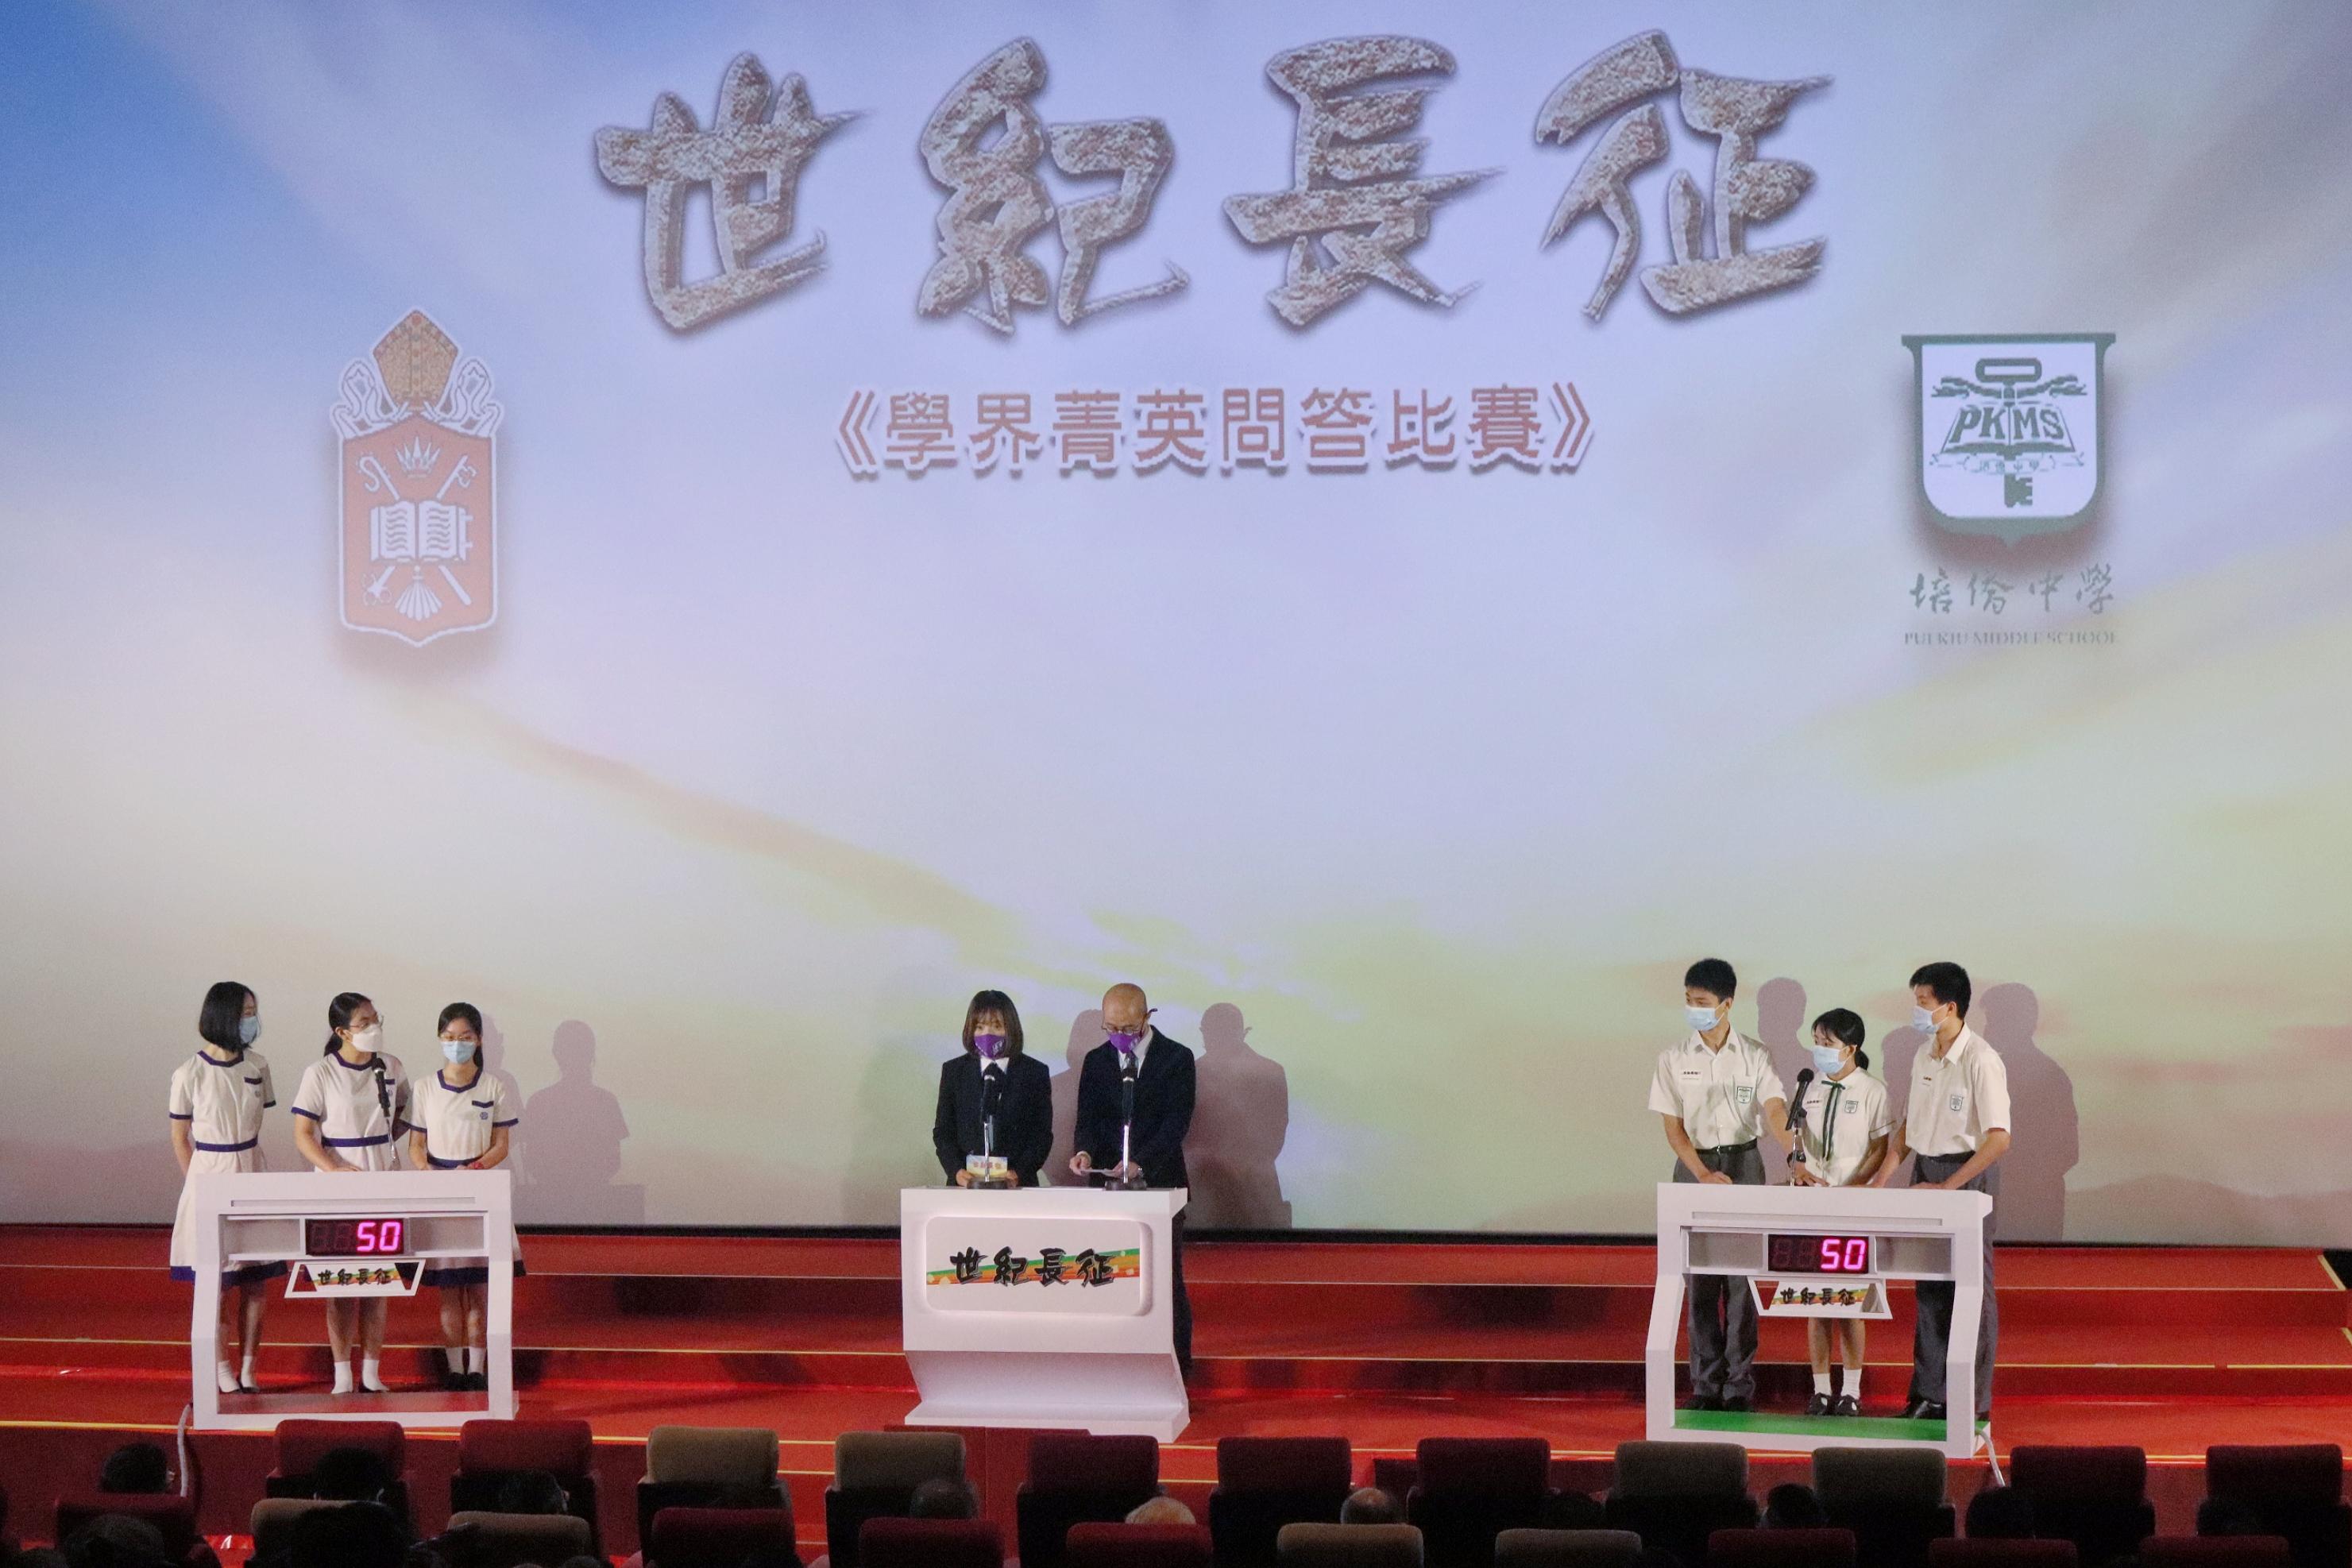 《世紀長征》中國近現代史圖片進校園社區系列展覽啟動